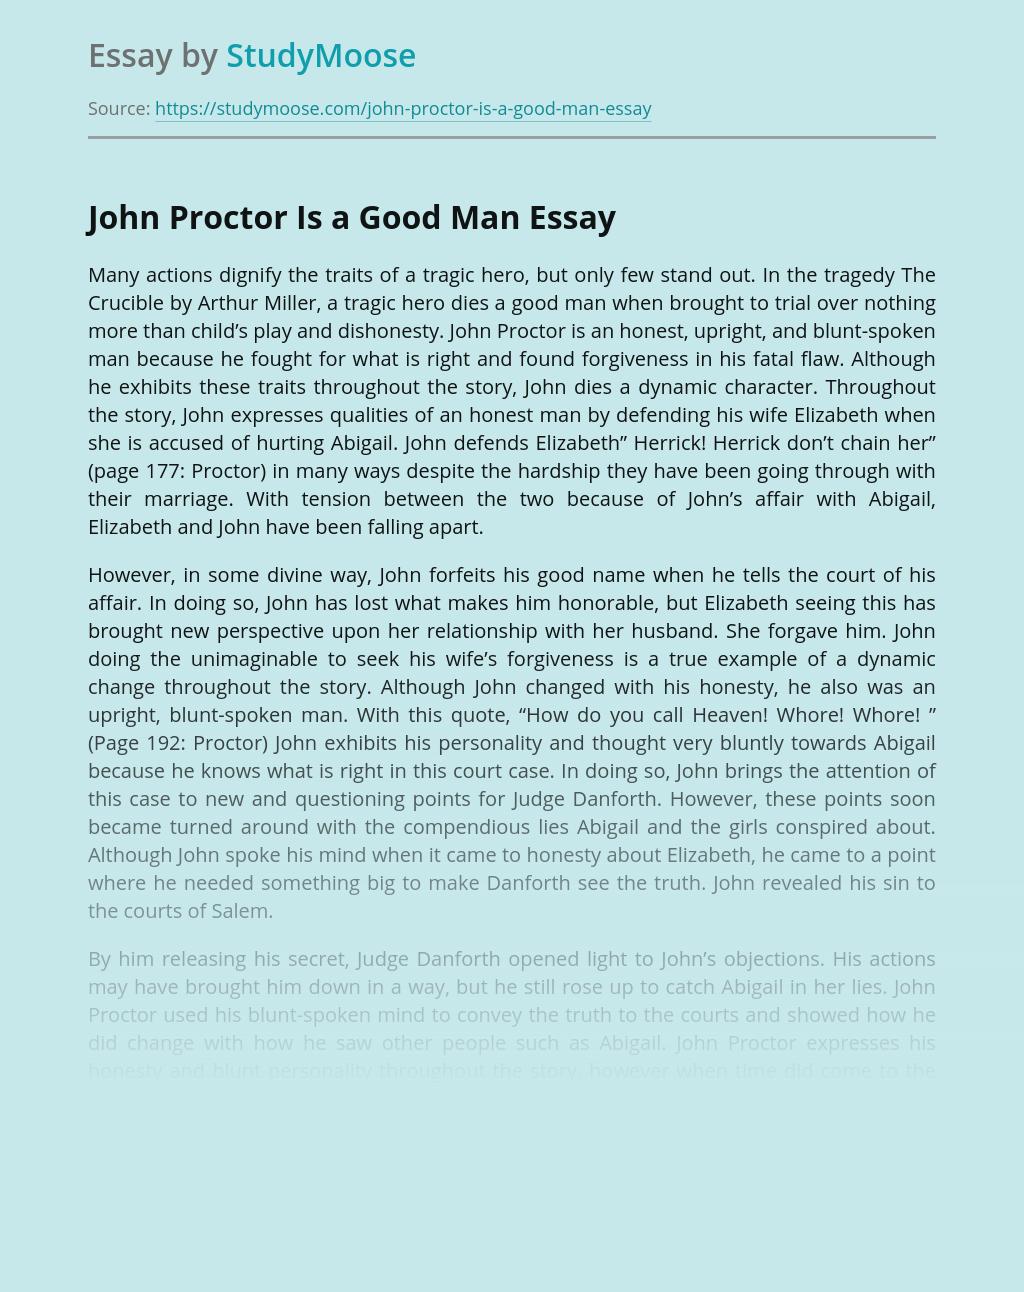 John Proctor Is a Good Man